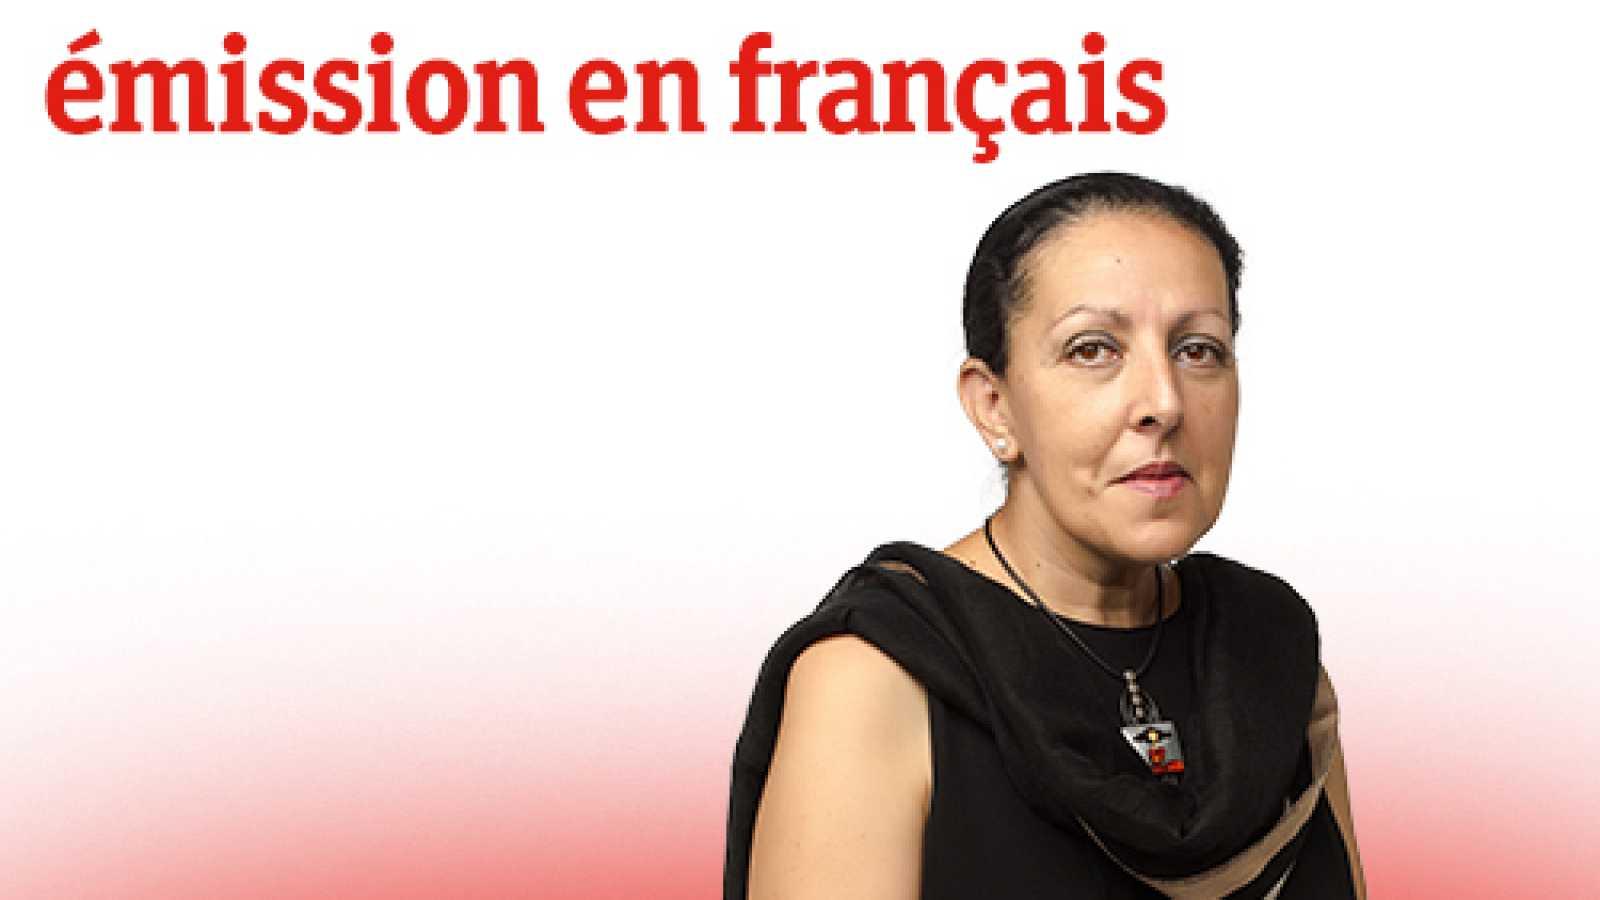 Emission en Français - La grande rédaction de la guerre civile - 14/11/20 - Escuchar ahora